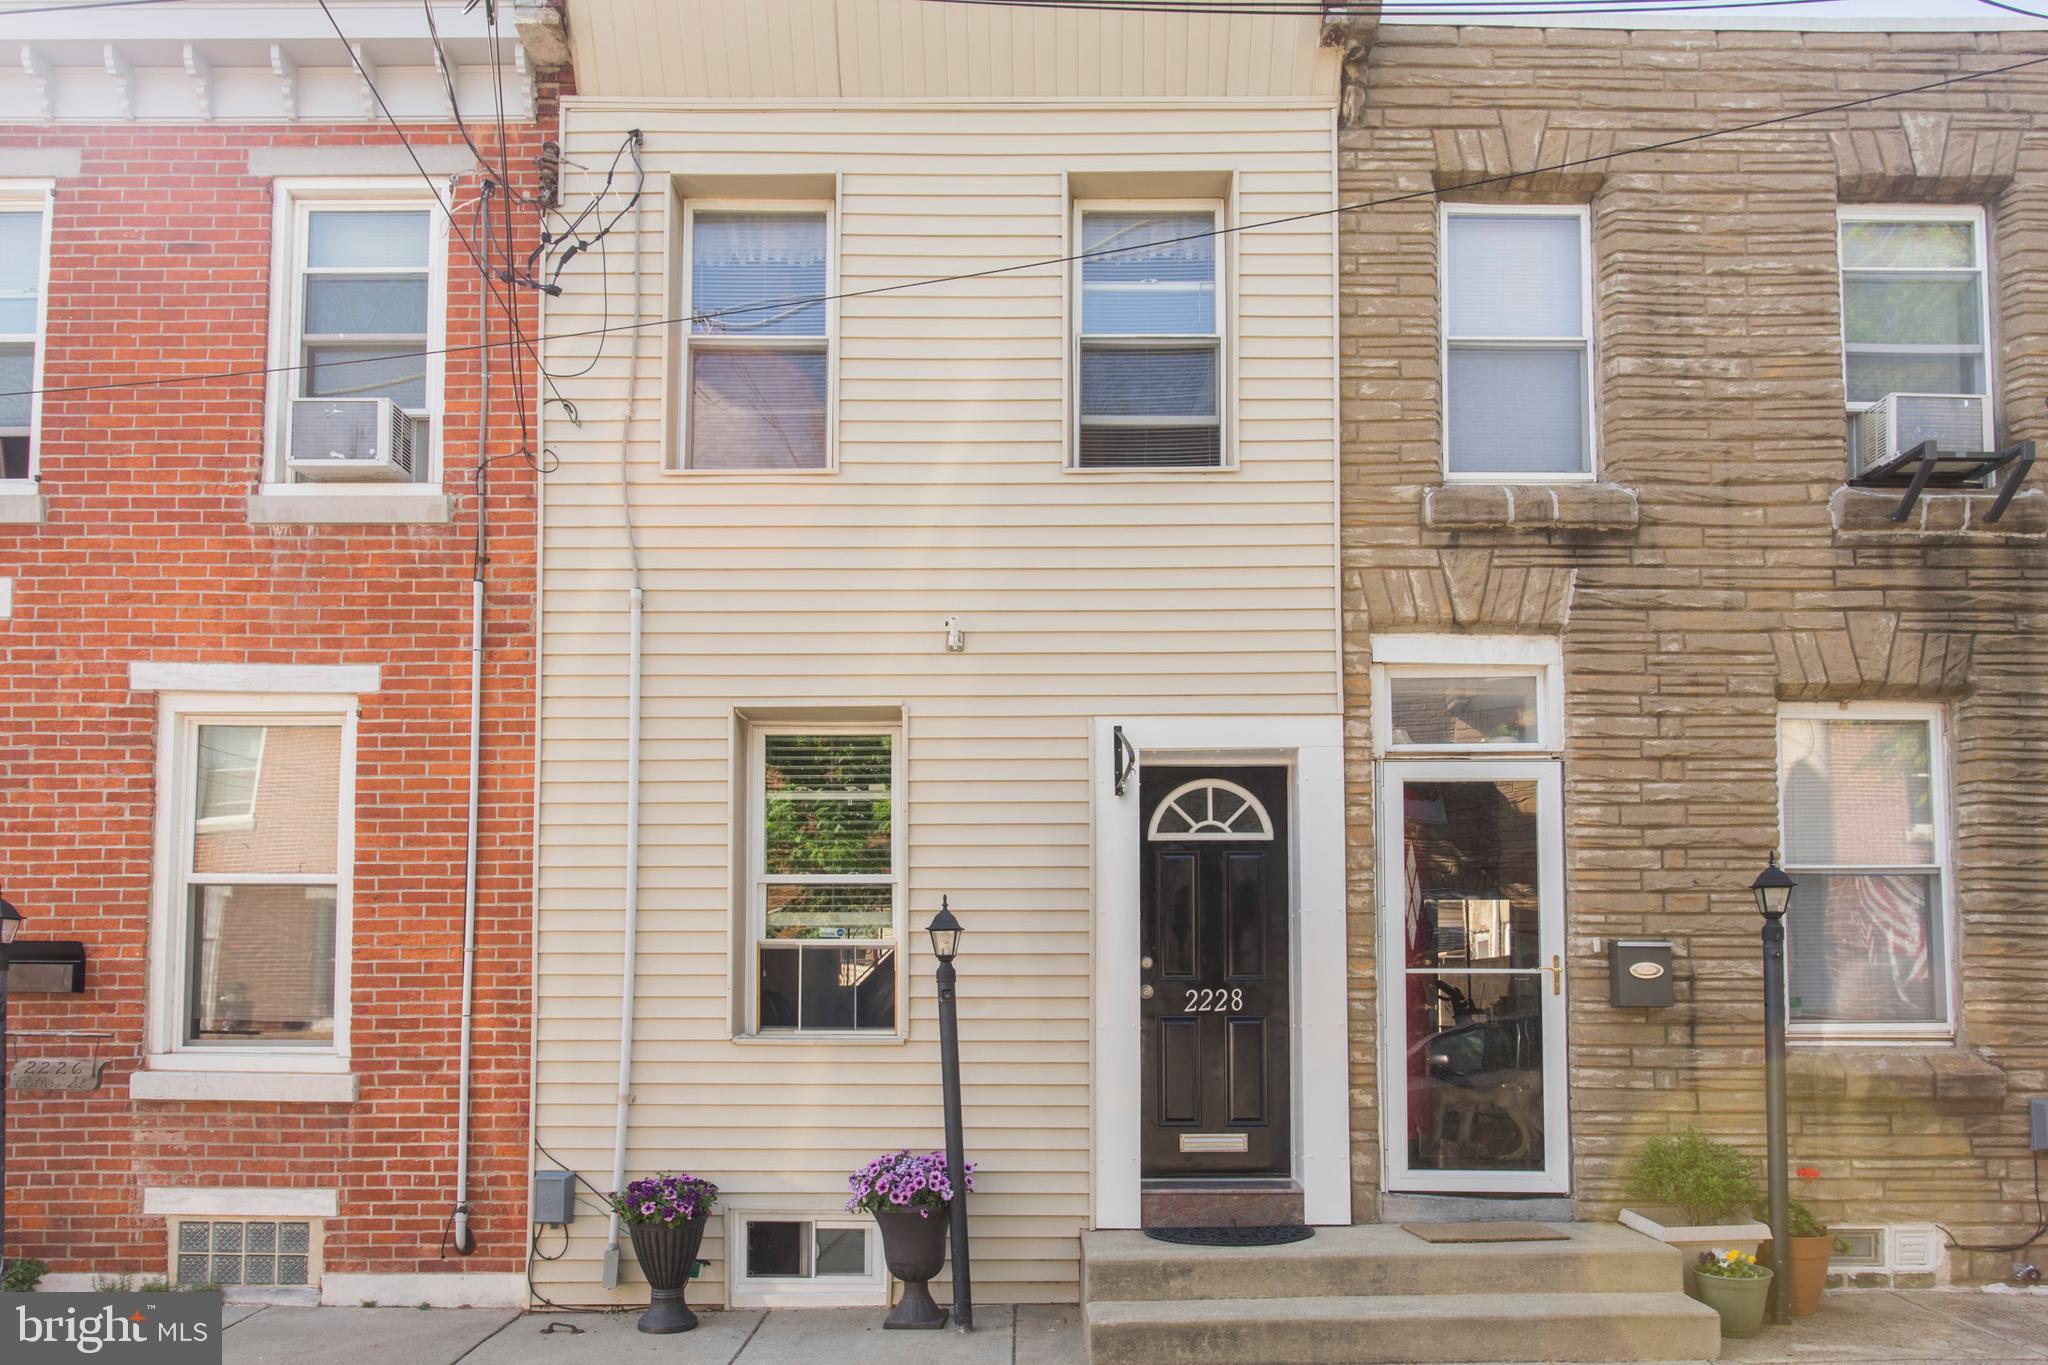 2228 Ritter Street, Philadelphia, PA 19125